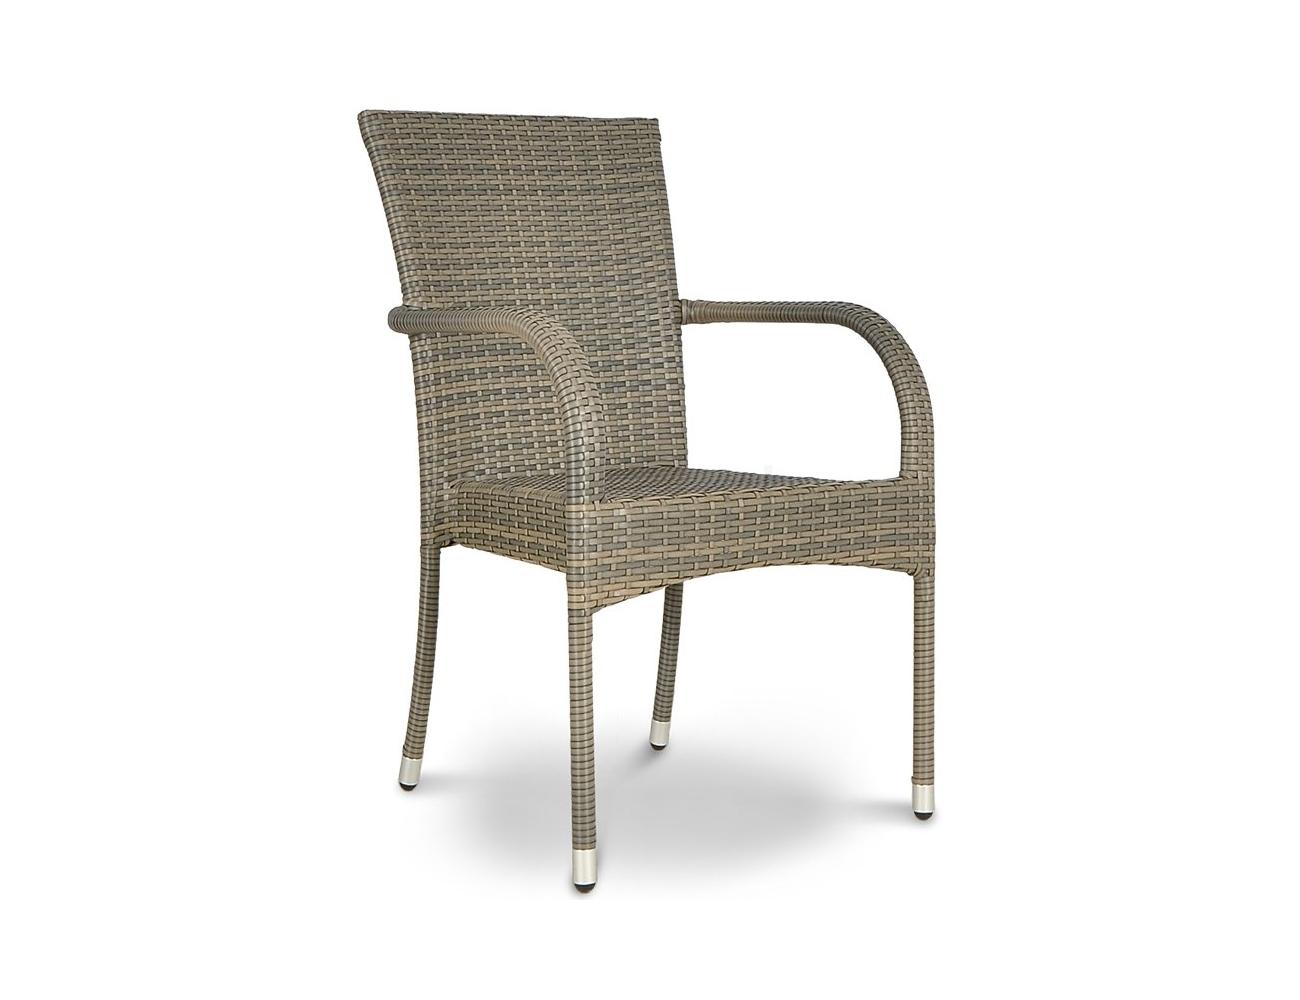 f99d3fcdd3d1 Záhradná stolička classic šedá - Hotelové vybavenie - Bajex s.r.o